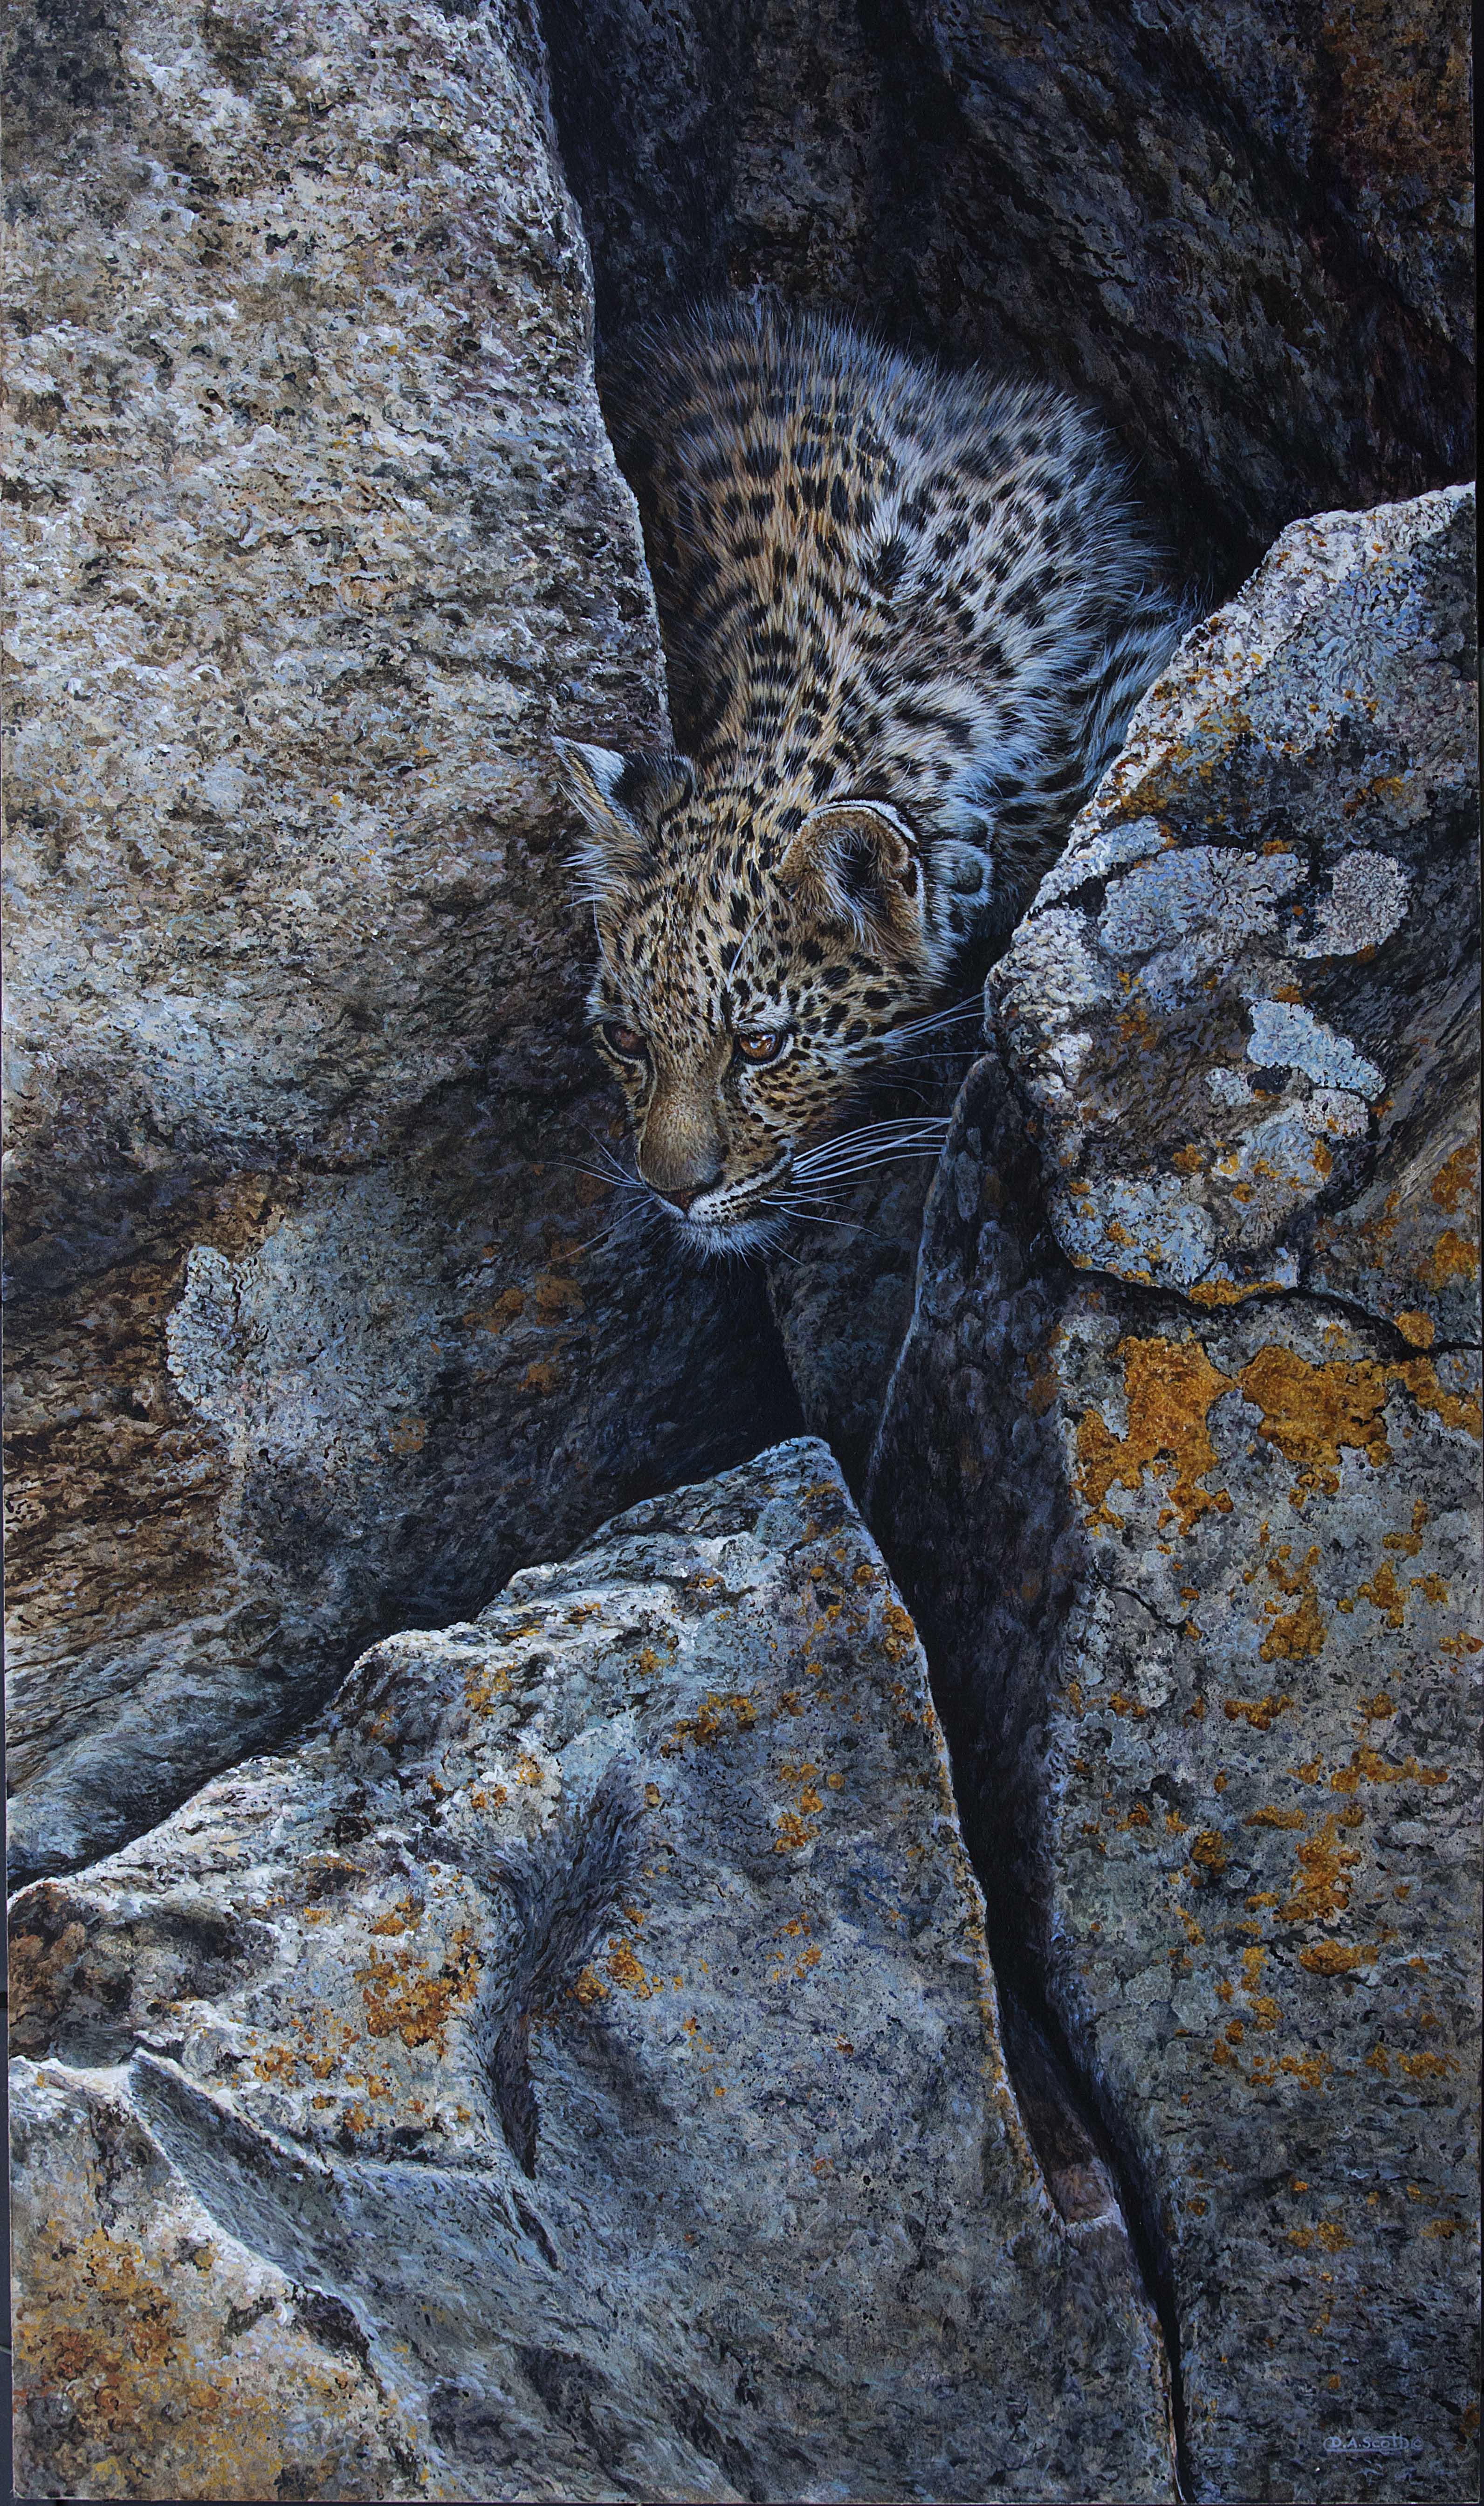 leopard cub.jpg